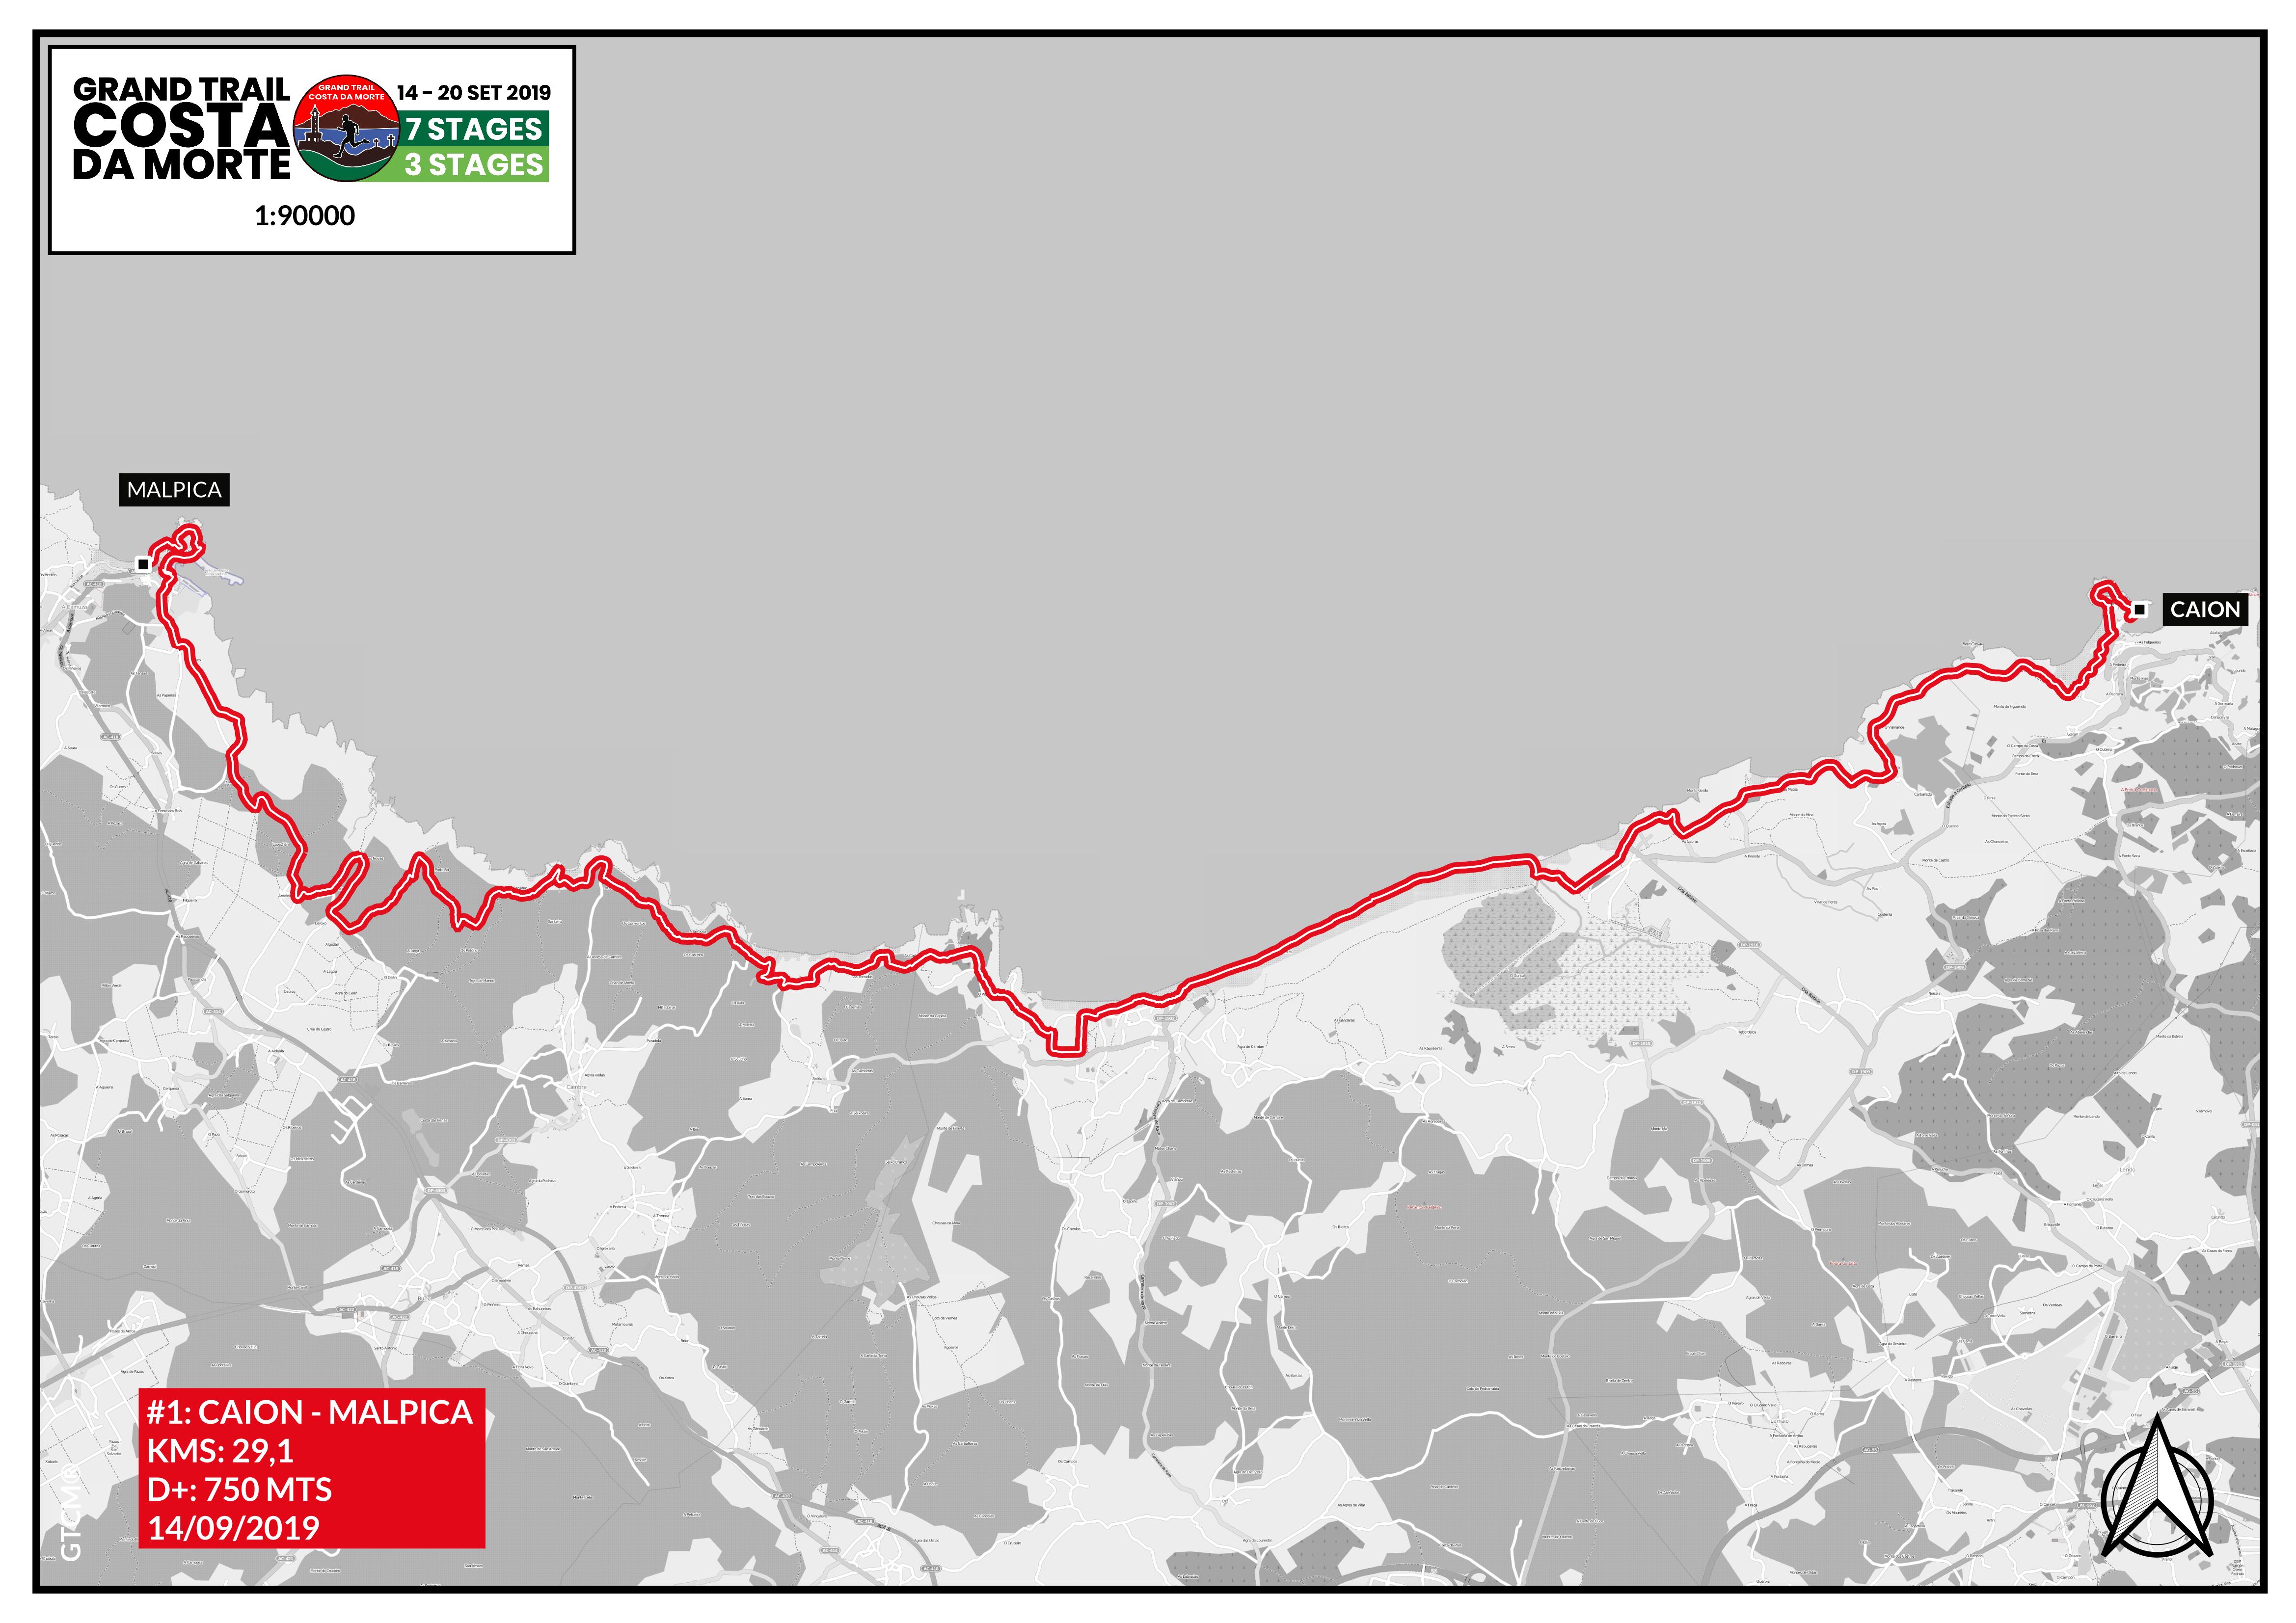 Mapa etapa 1 Caión - Malpica